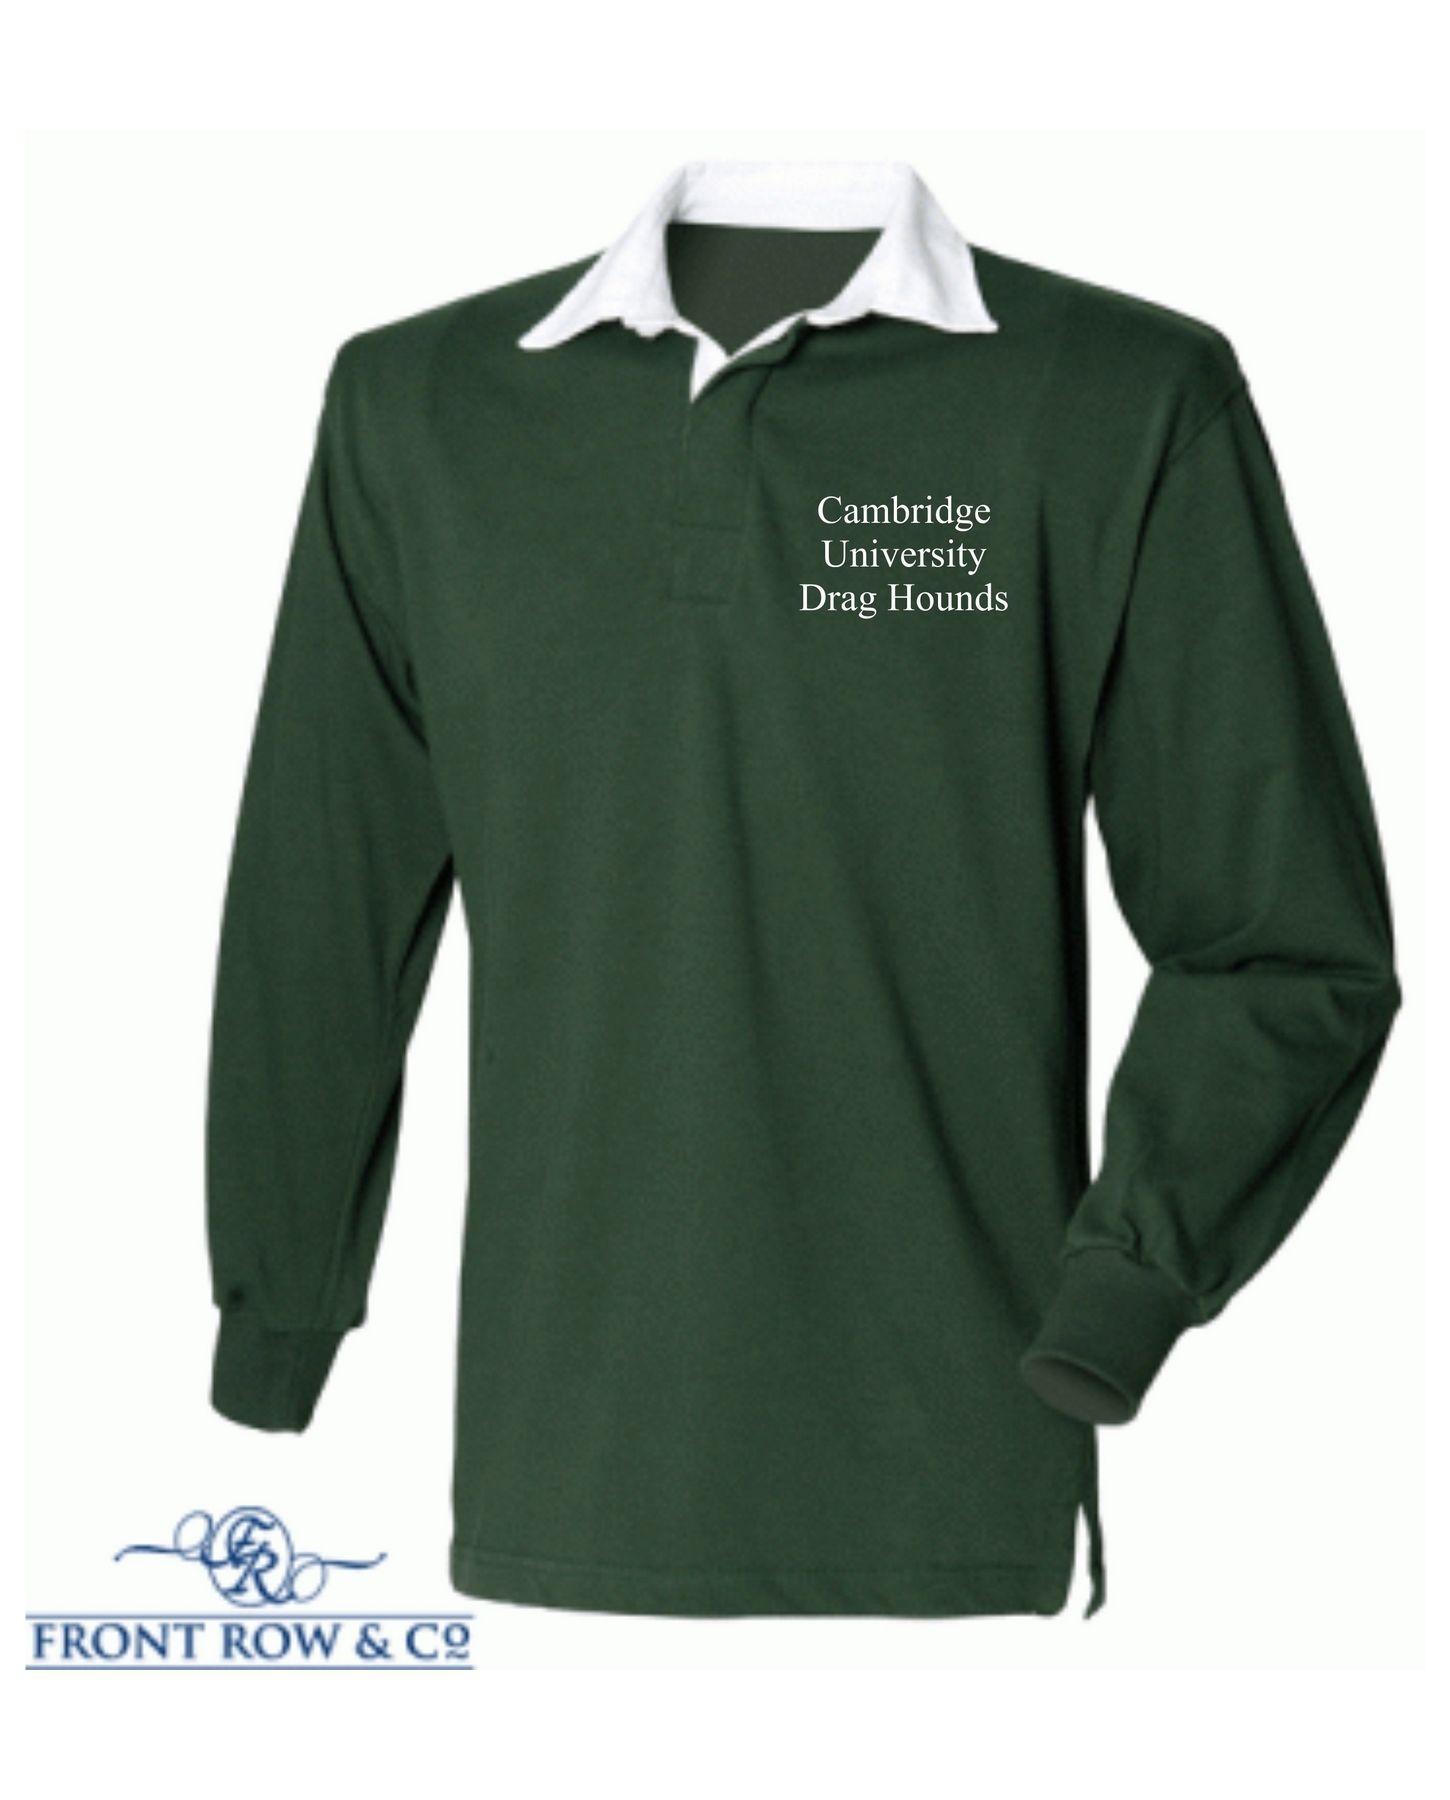 CUDH – Rugby Shirt